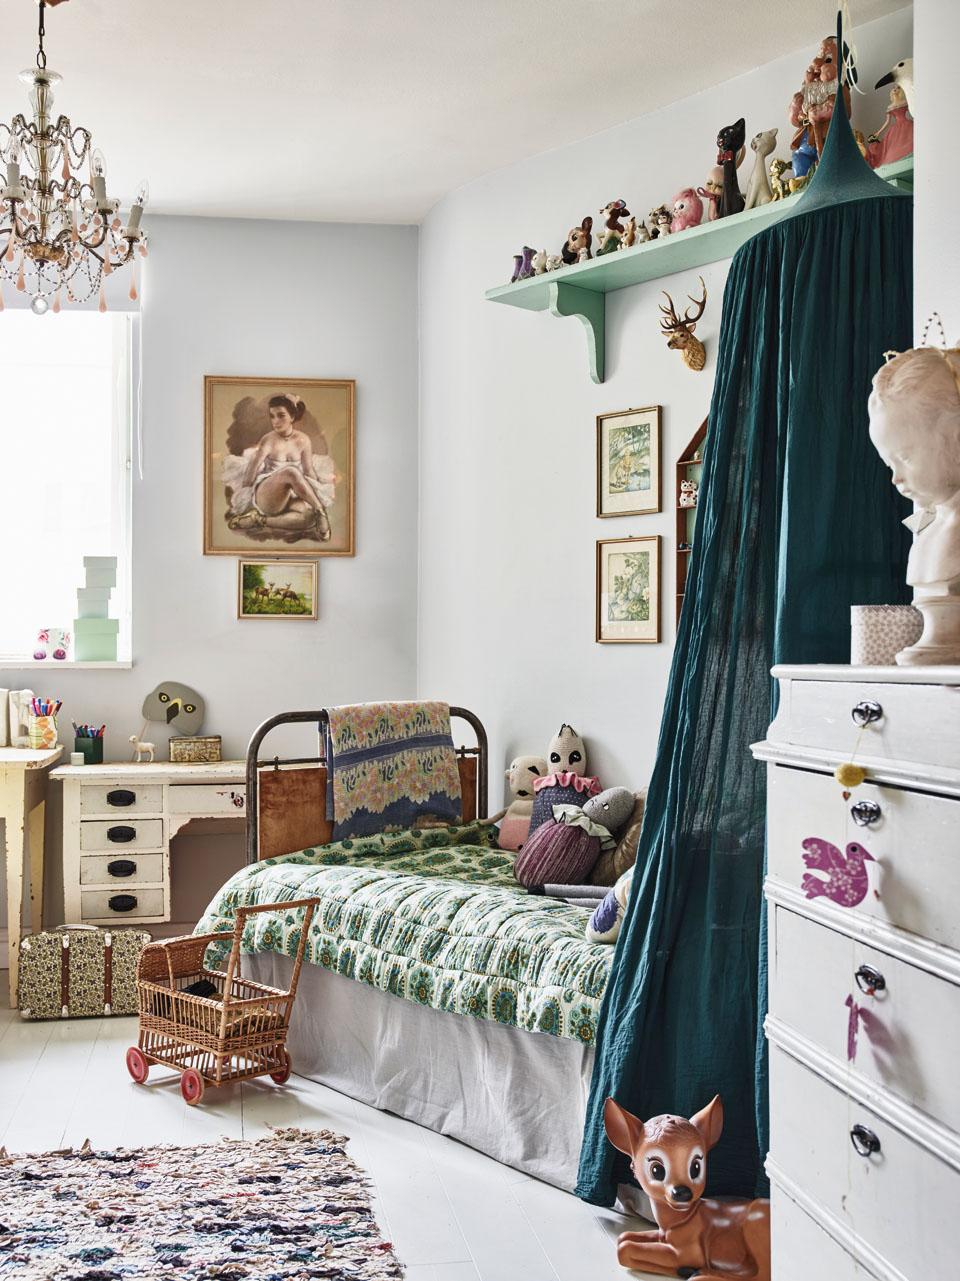 Thiết kế nội thất phòng ngủ trẻ em sinh động và thú vị